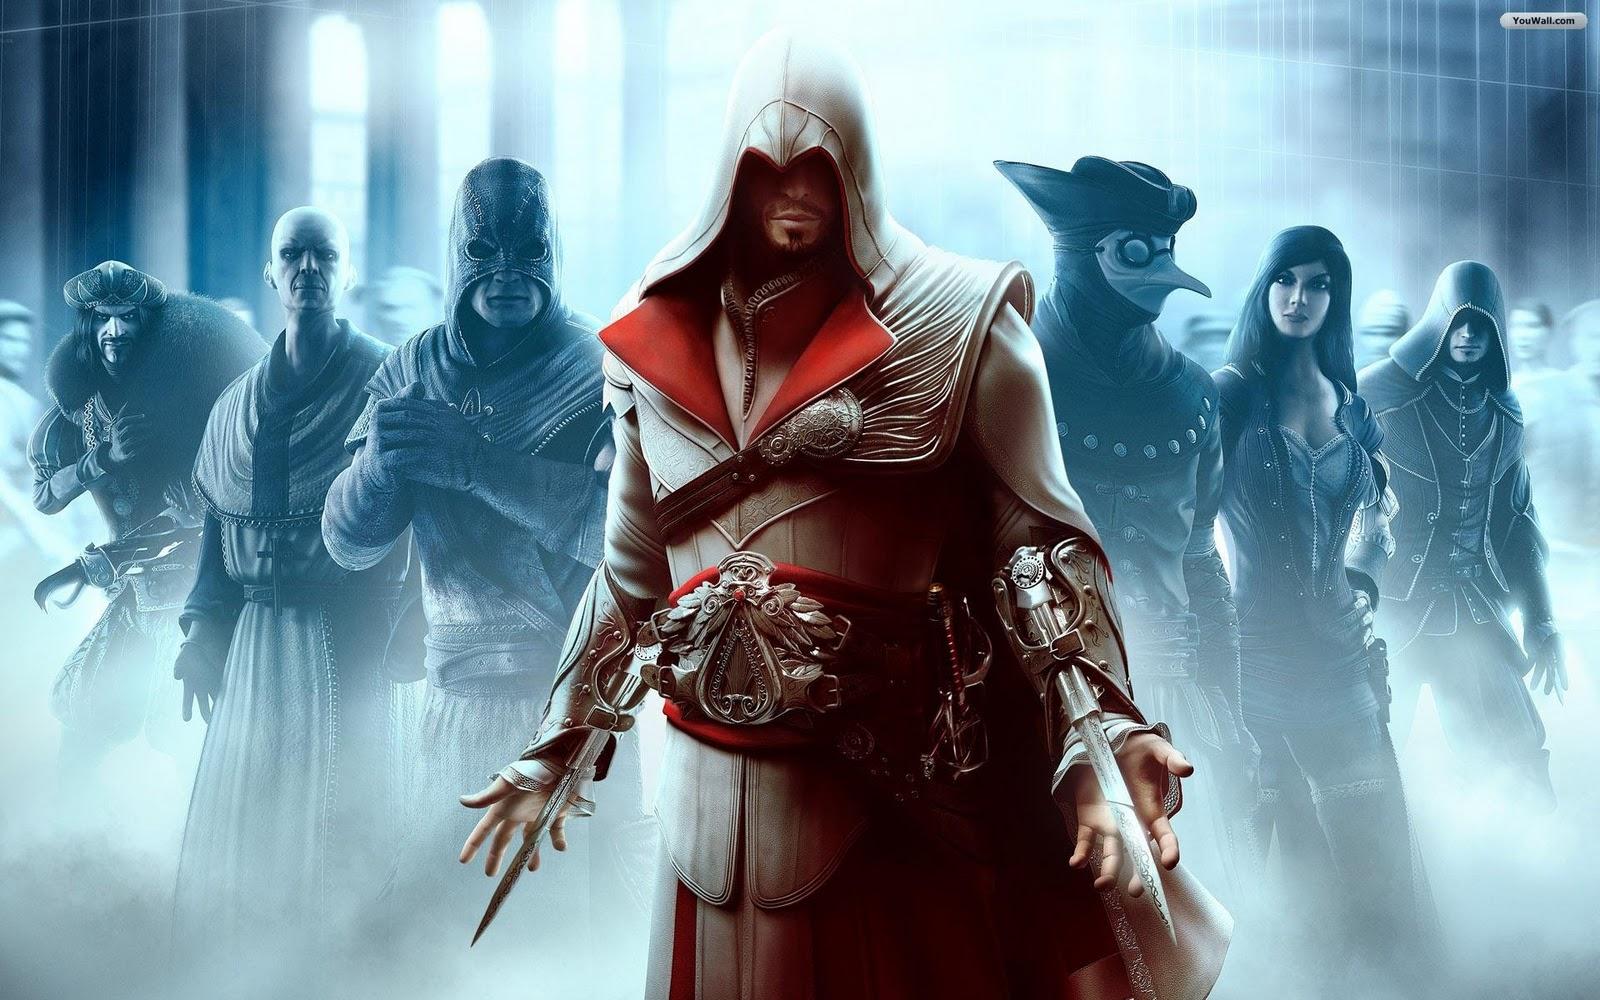 http://2.bp.blogspot.com/_24uWOiIabVg/TK4Ck2tWlSI/AAAAAAAAACg/L7aHZv9ur0Q/s1600/assassins_creed_brotherhood_wallpaper_46e9d.jpg